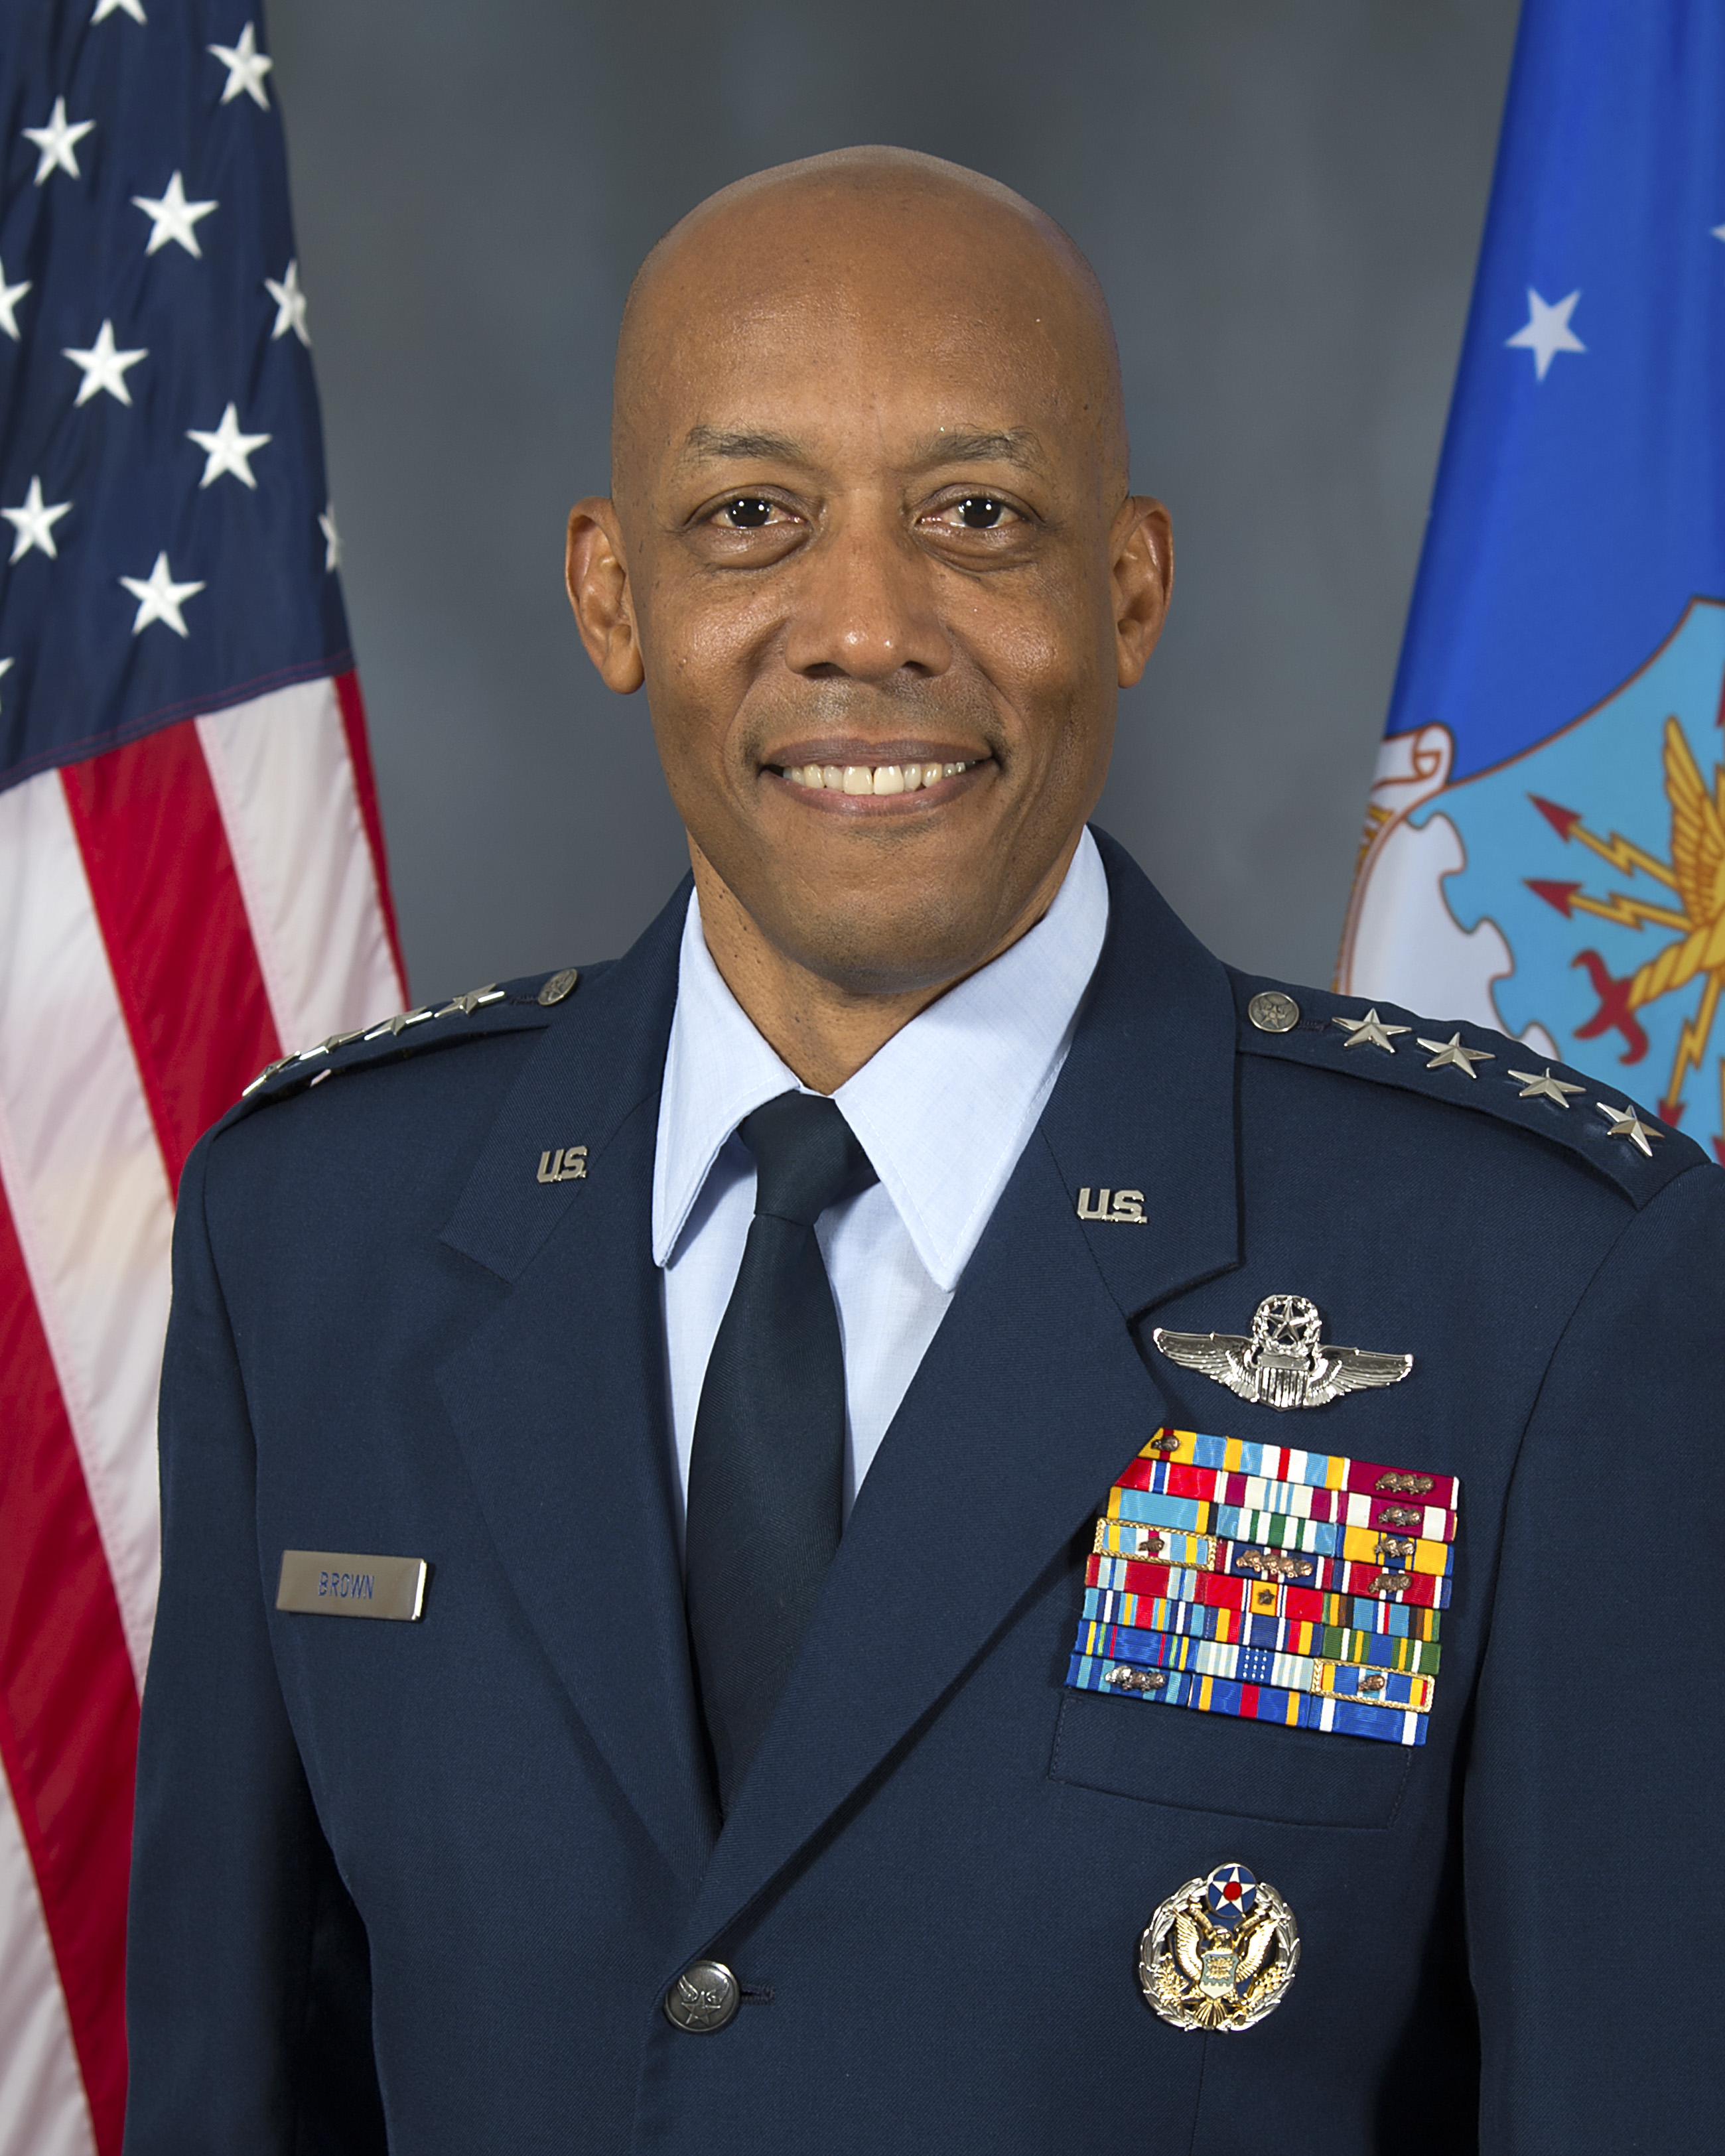 GENERAL CHARLES Q. BROWN JR. > U.S. Air Force > Biography Display